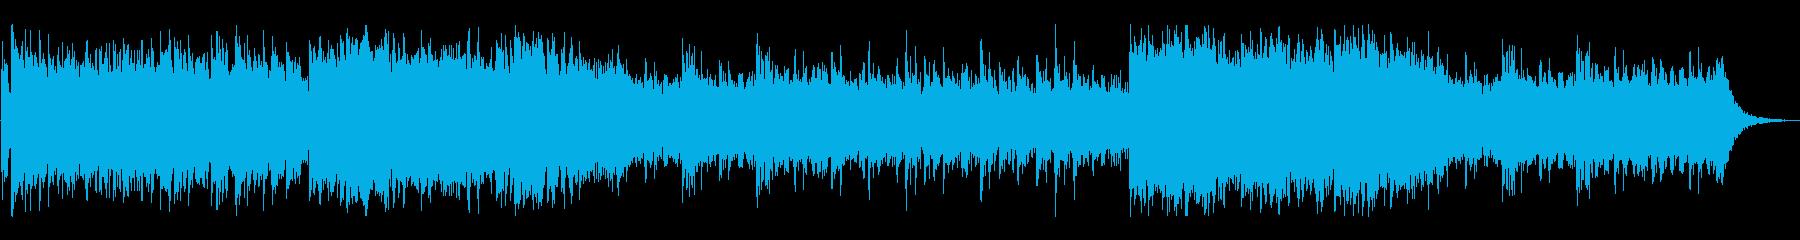 オーディオドラマ向けBGM/航海の再生済みの波形